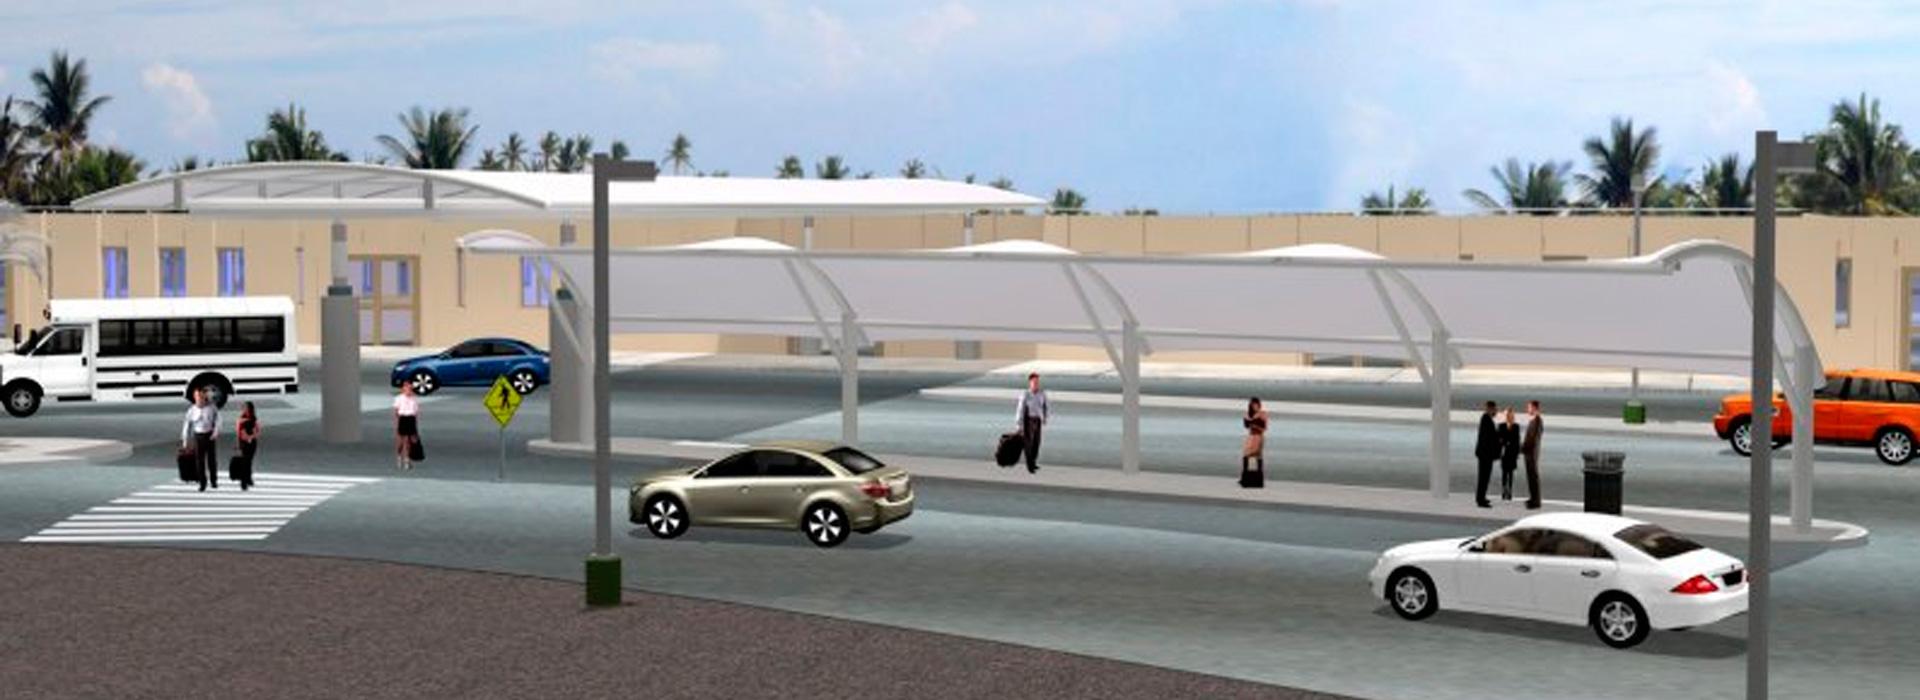 Sarasota Bradenton Airport Curbside Canopies – Birdair